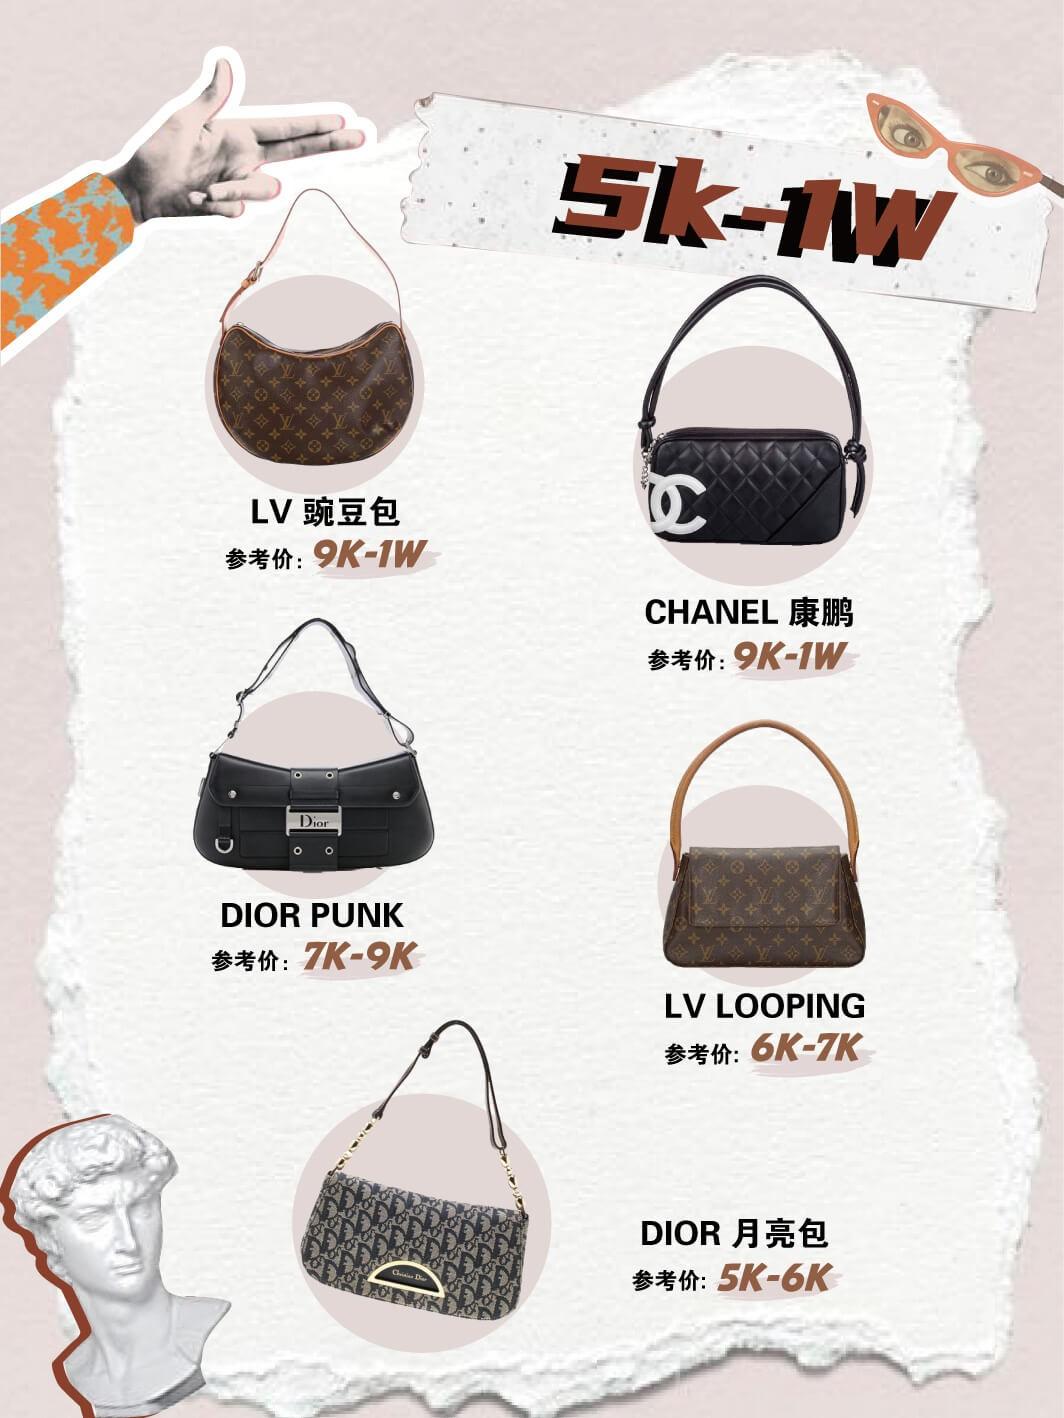 1k-5W丨不同预算的二手奢侈品包包怎么选?